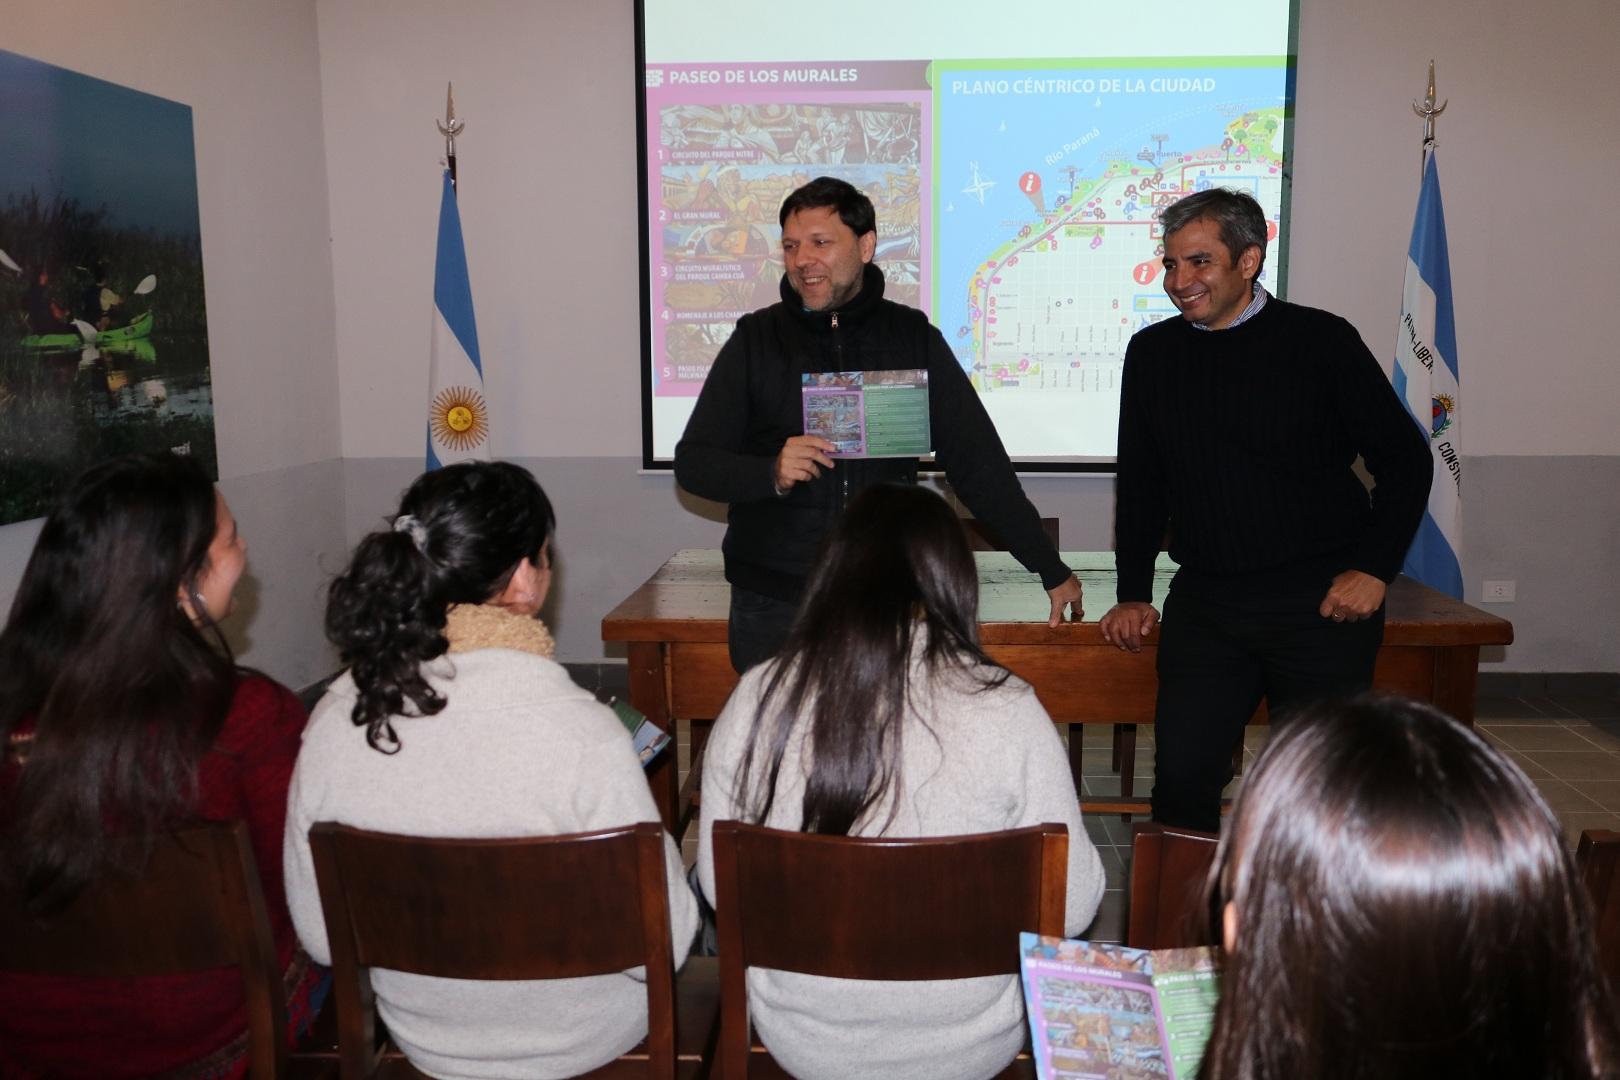 Capacitaciones en sensibilización e interpretación del plano de la ciudad